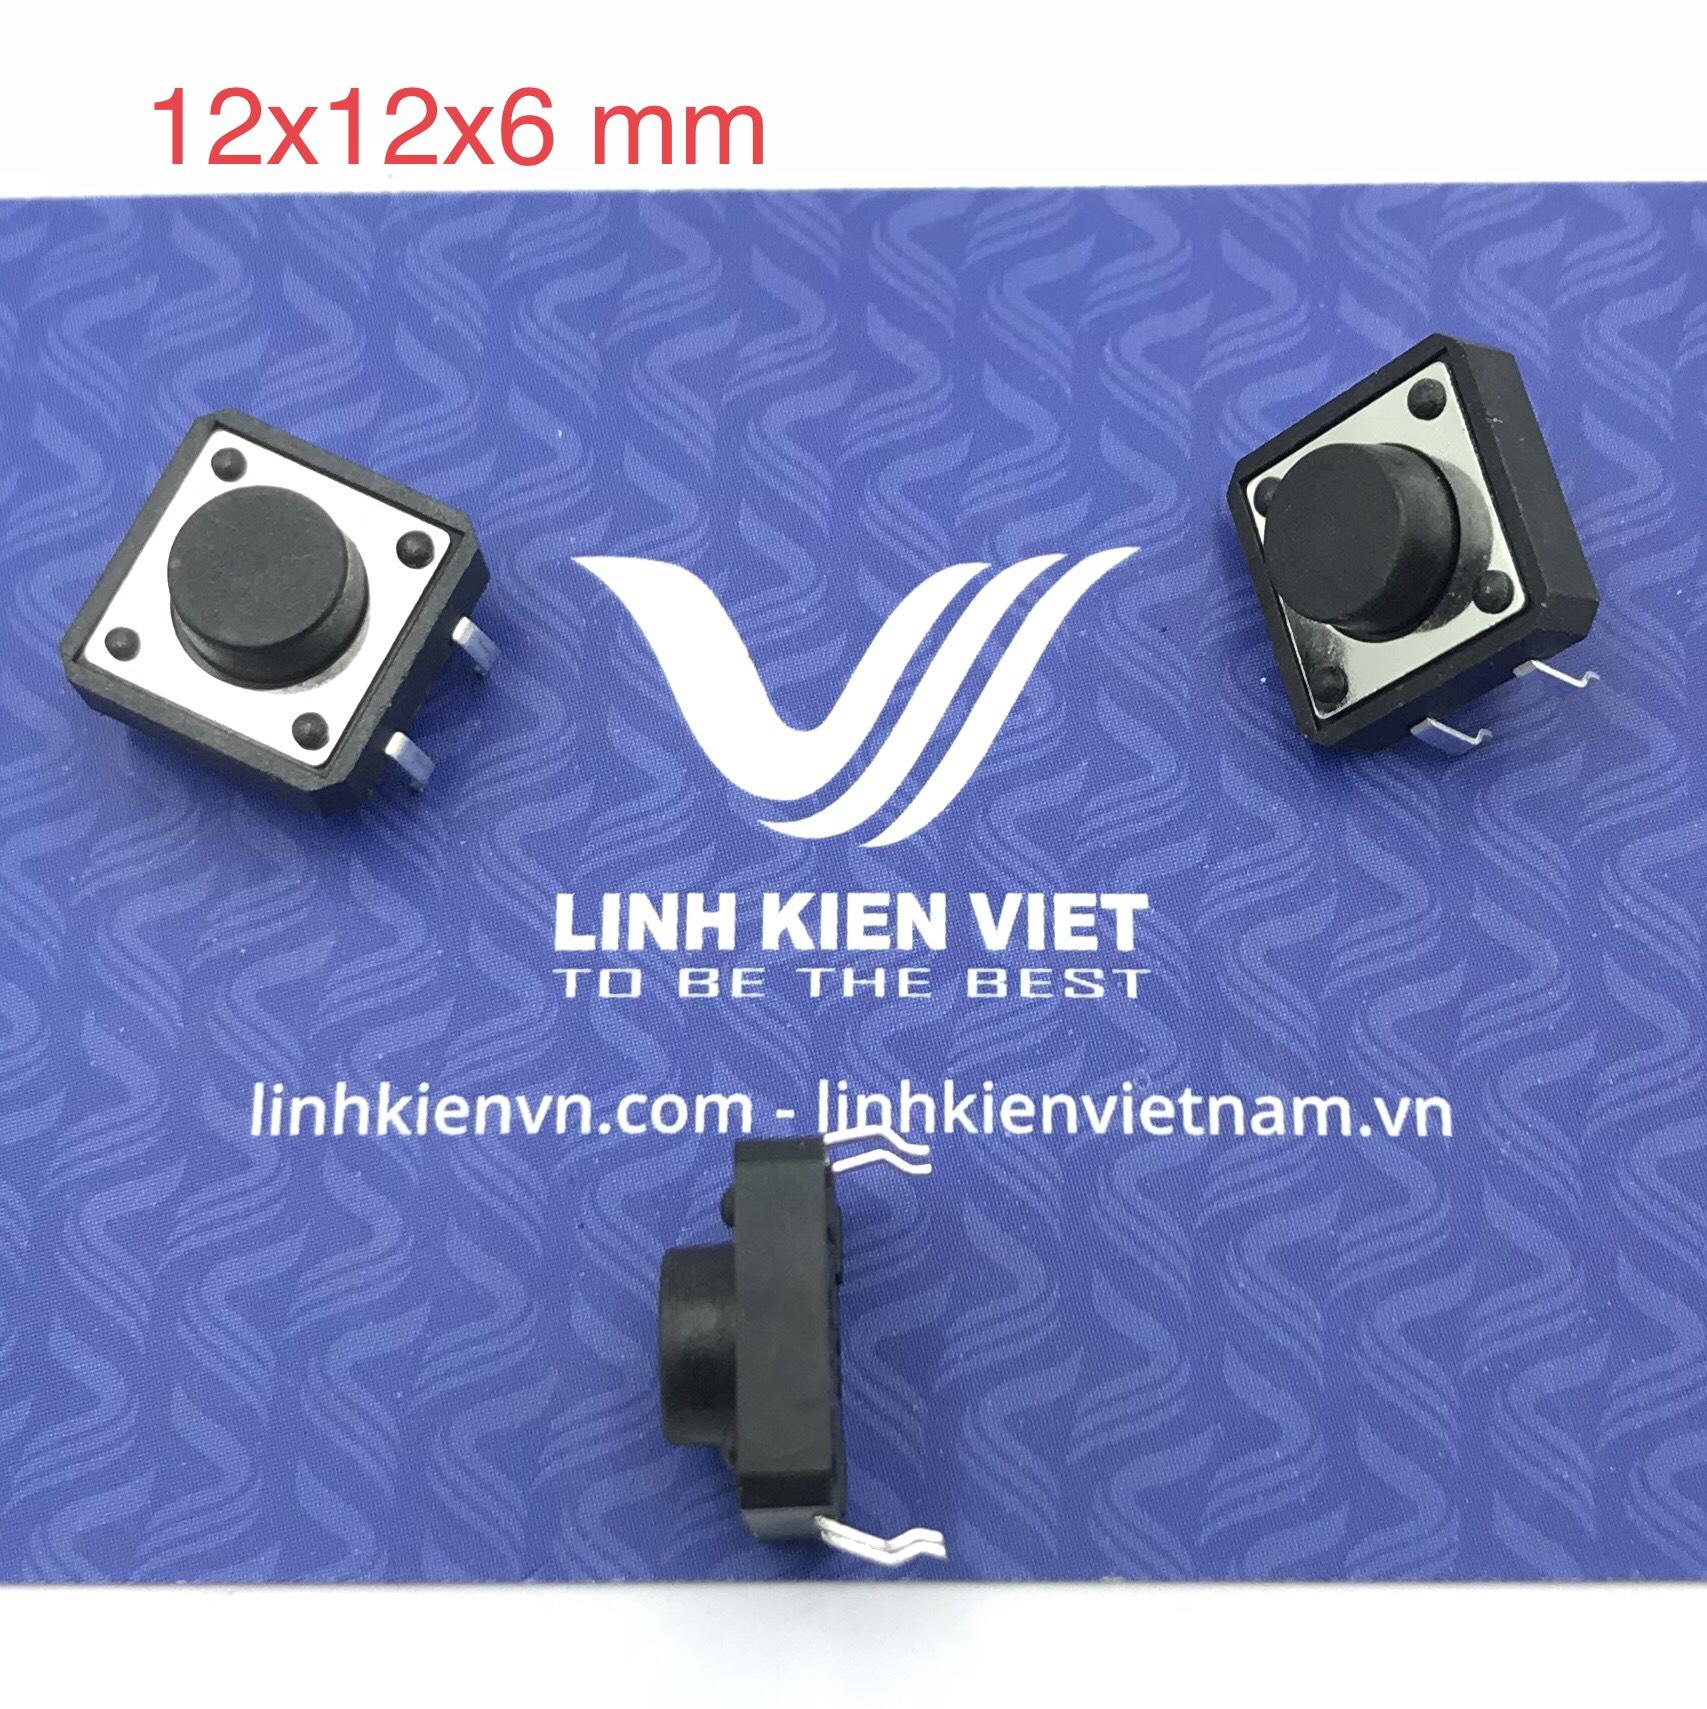 Nút nhấn 4 chân 12x12x6 mm cắm - K2H24